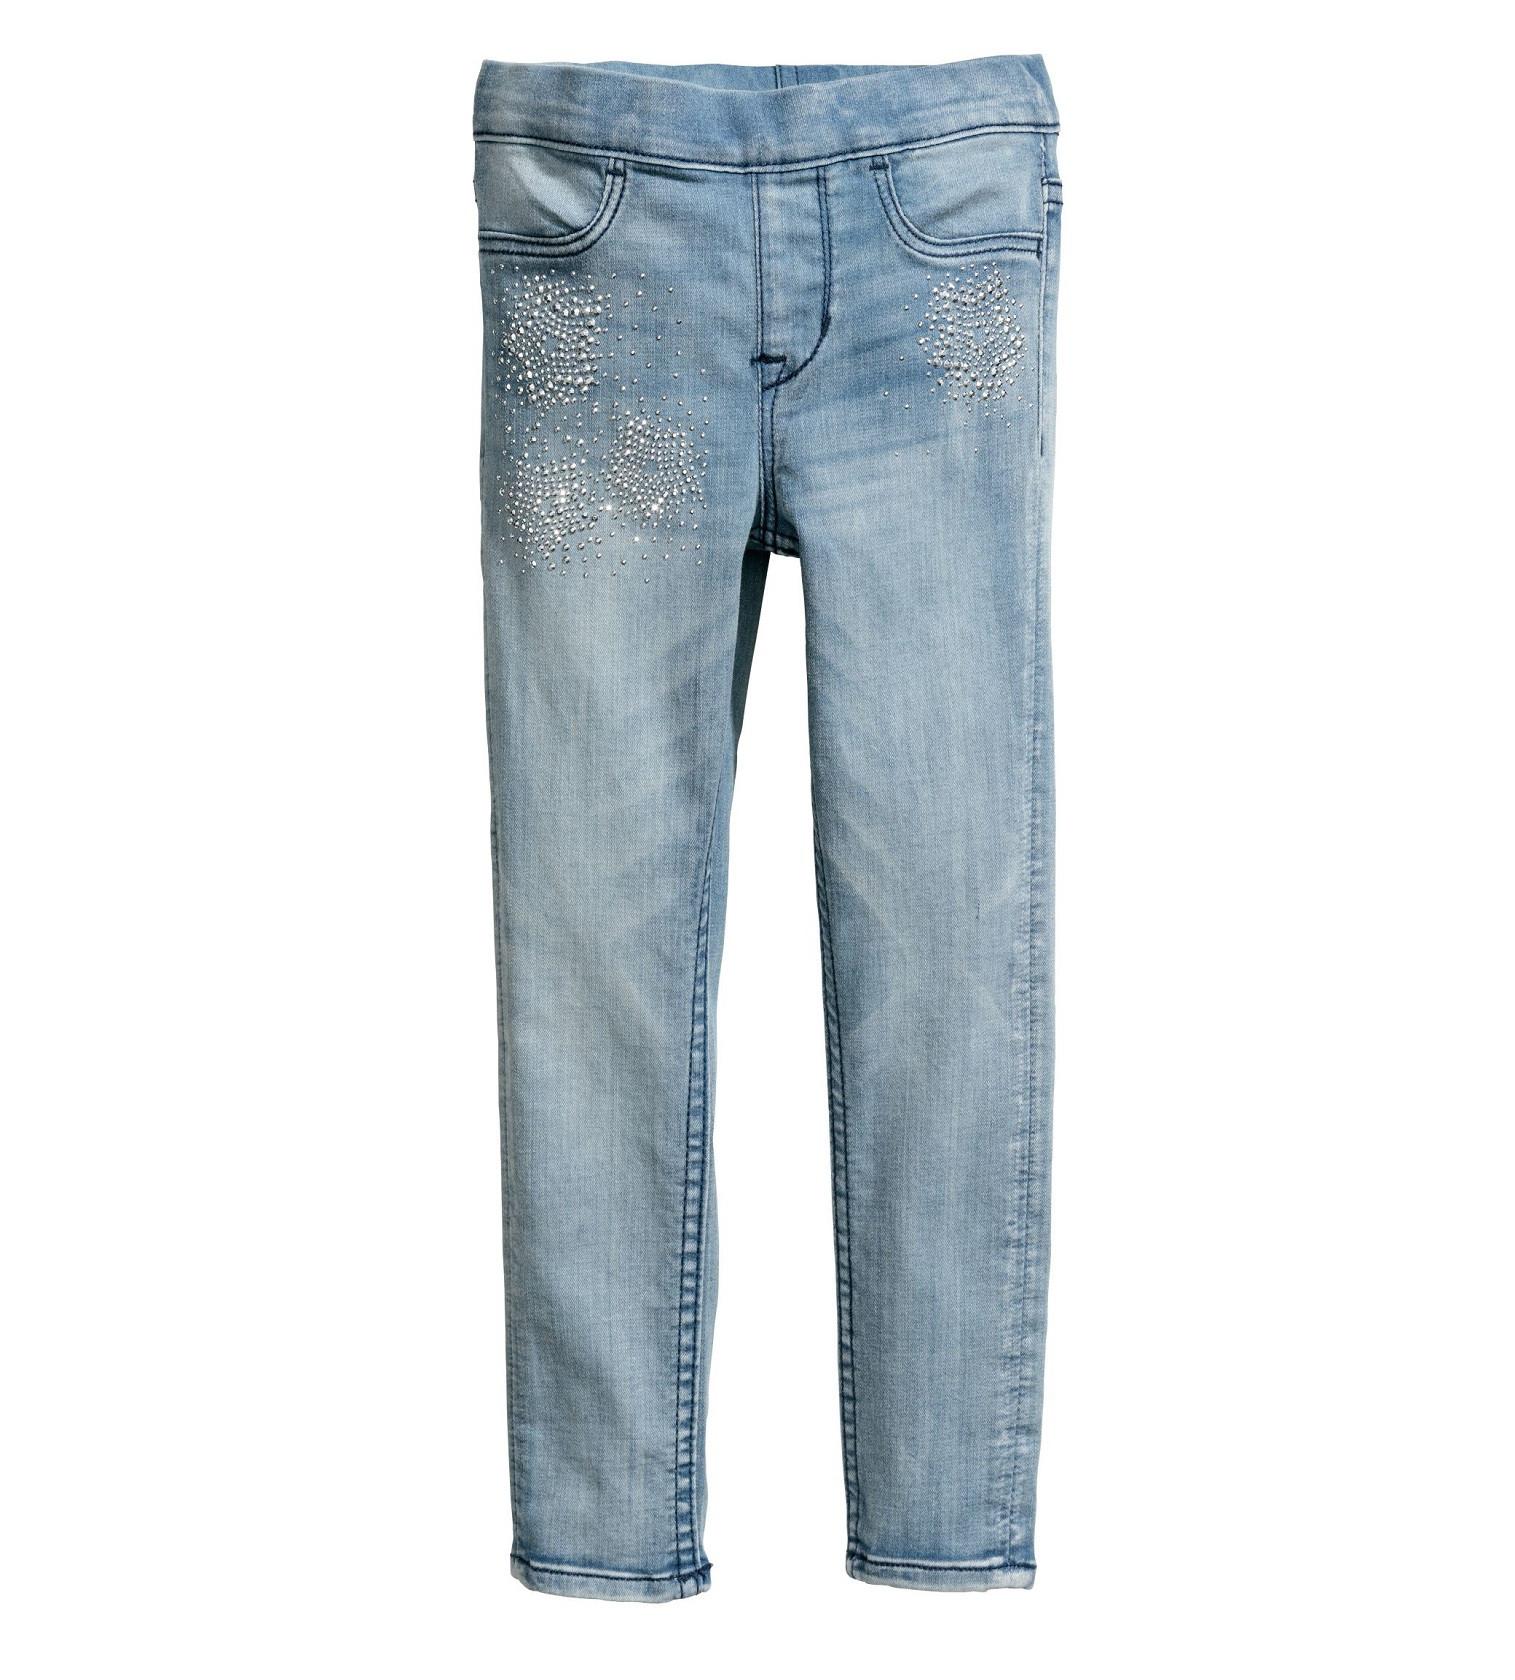 Купити Джинси H&M Блакитний денім / Зірки - фото 1